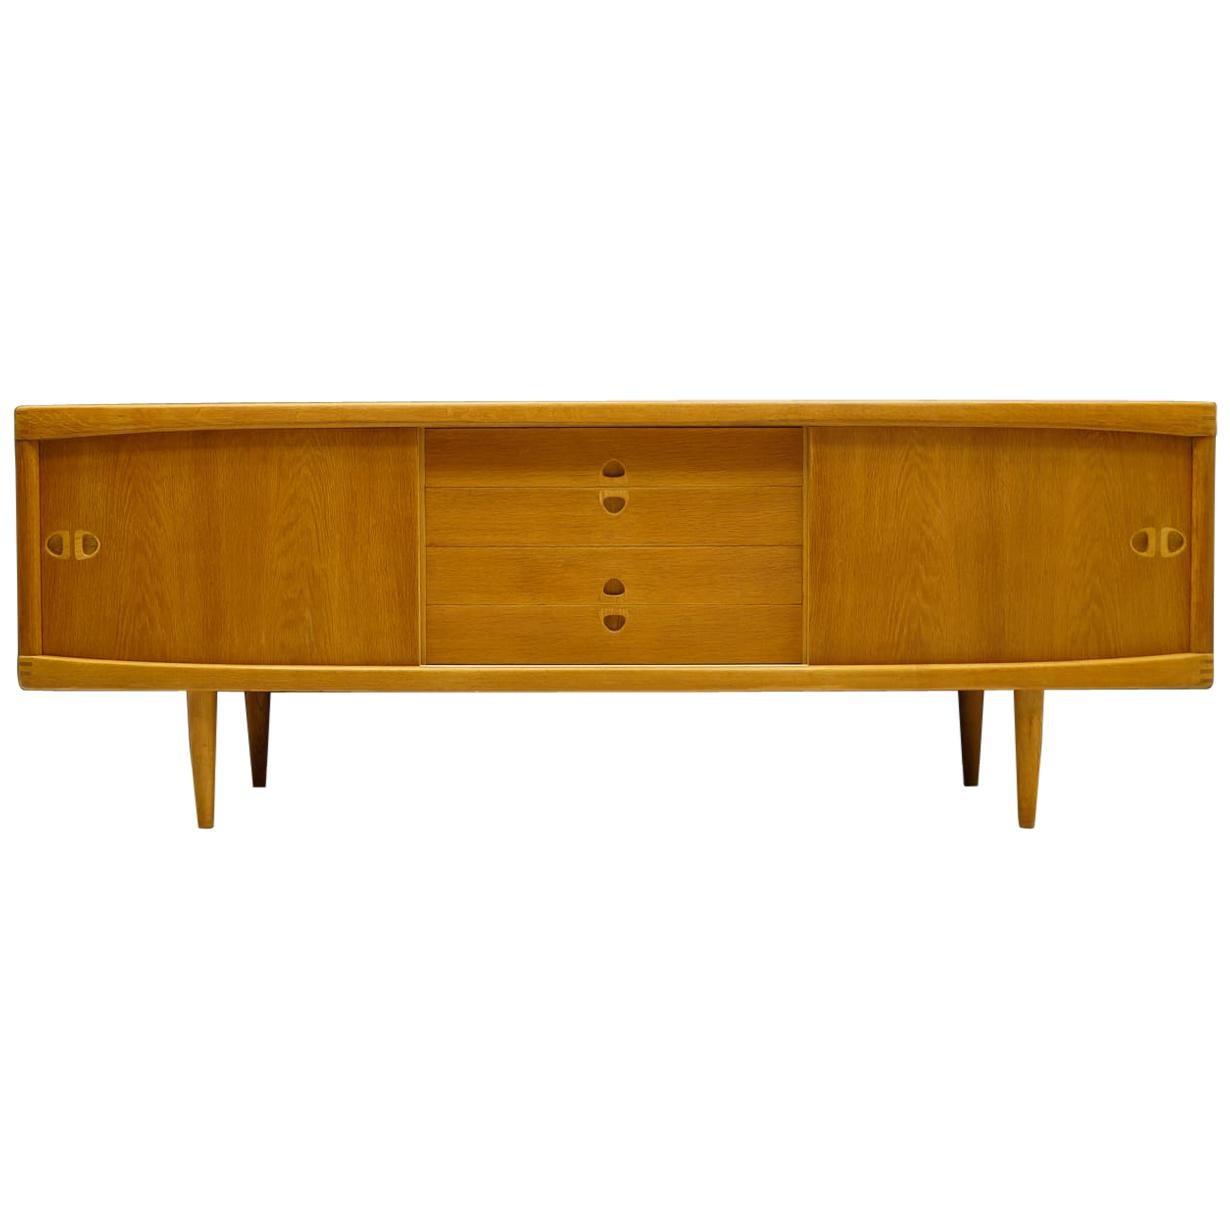 Low Scandinavian Oak Sideboard by H. W. Klein for Bramin, 1960s